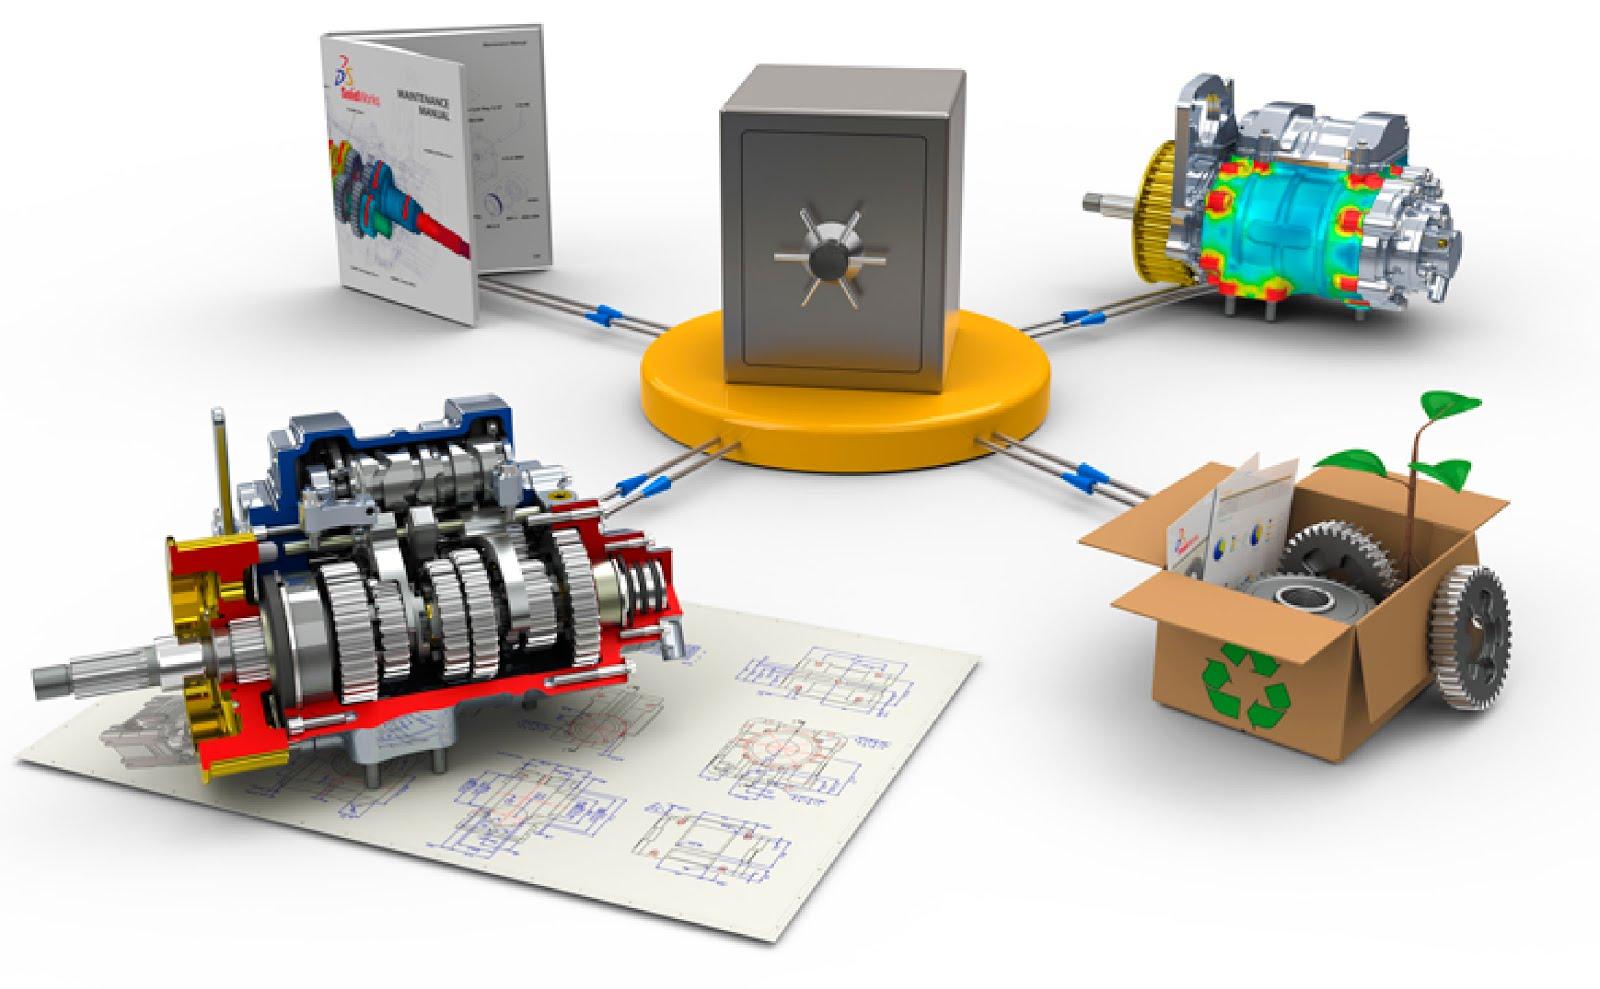 Schemi Elettrici Cad : Gravità zero : solidworks electrical schematic facilita la creazione